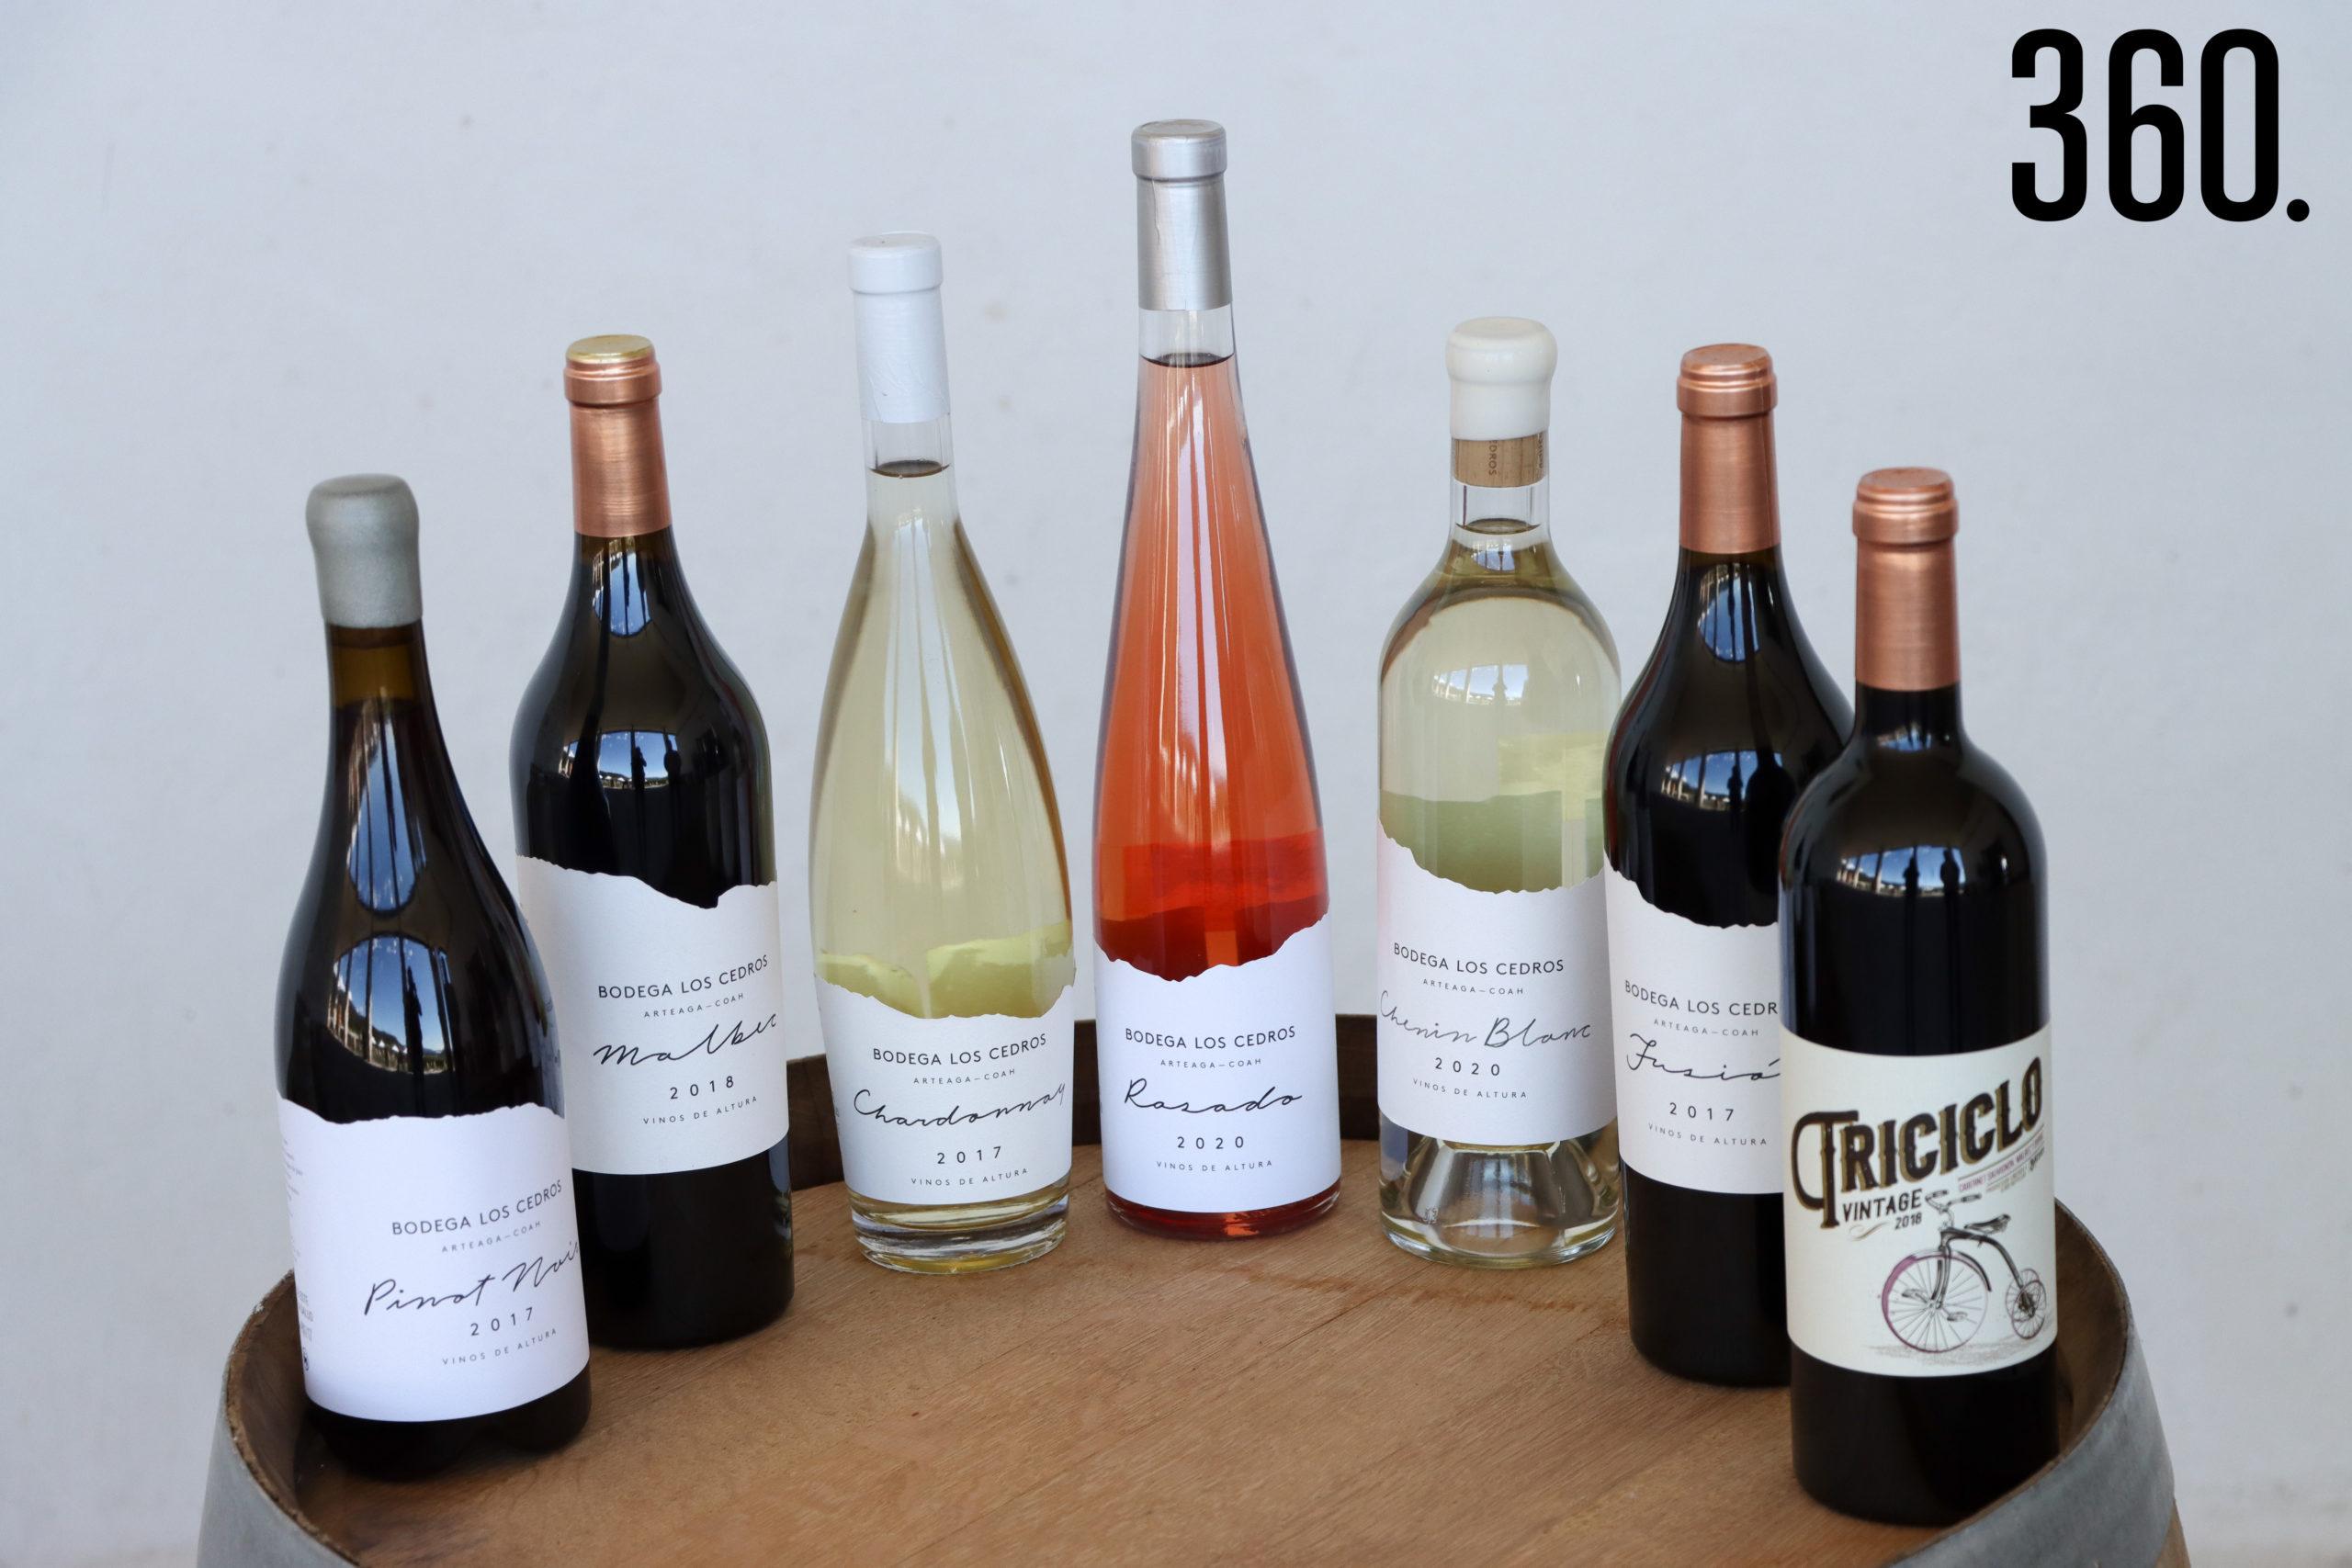 Variedad de vinos de bodega los Cedros.